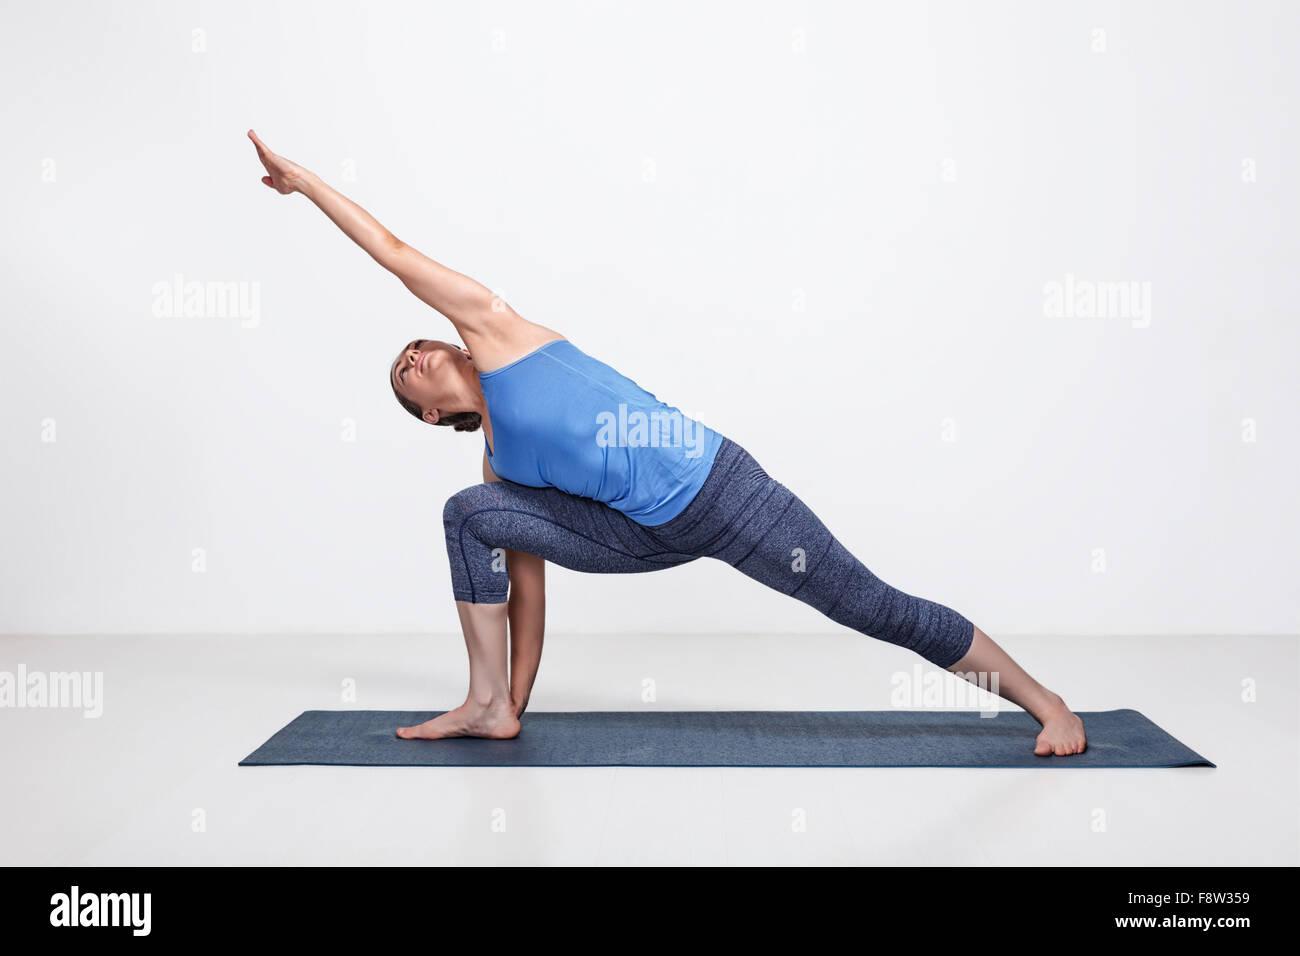 Woman doing Ashtanga Vinyasa Yoga asana - Stock Image